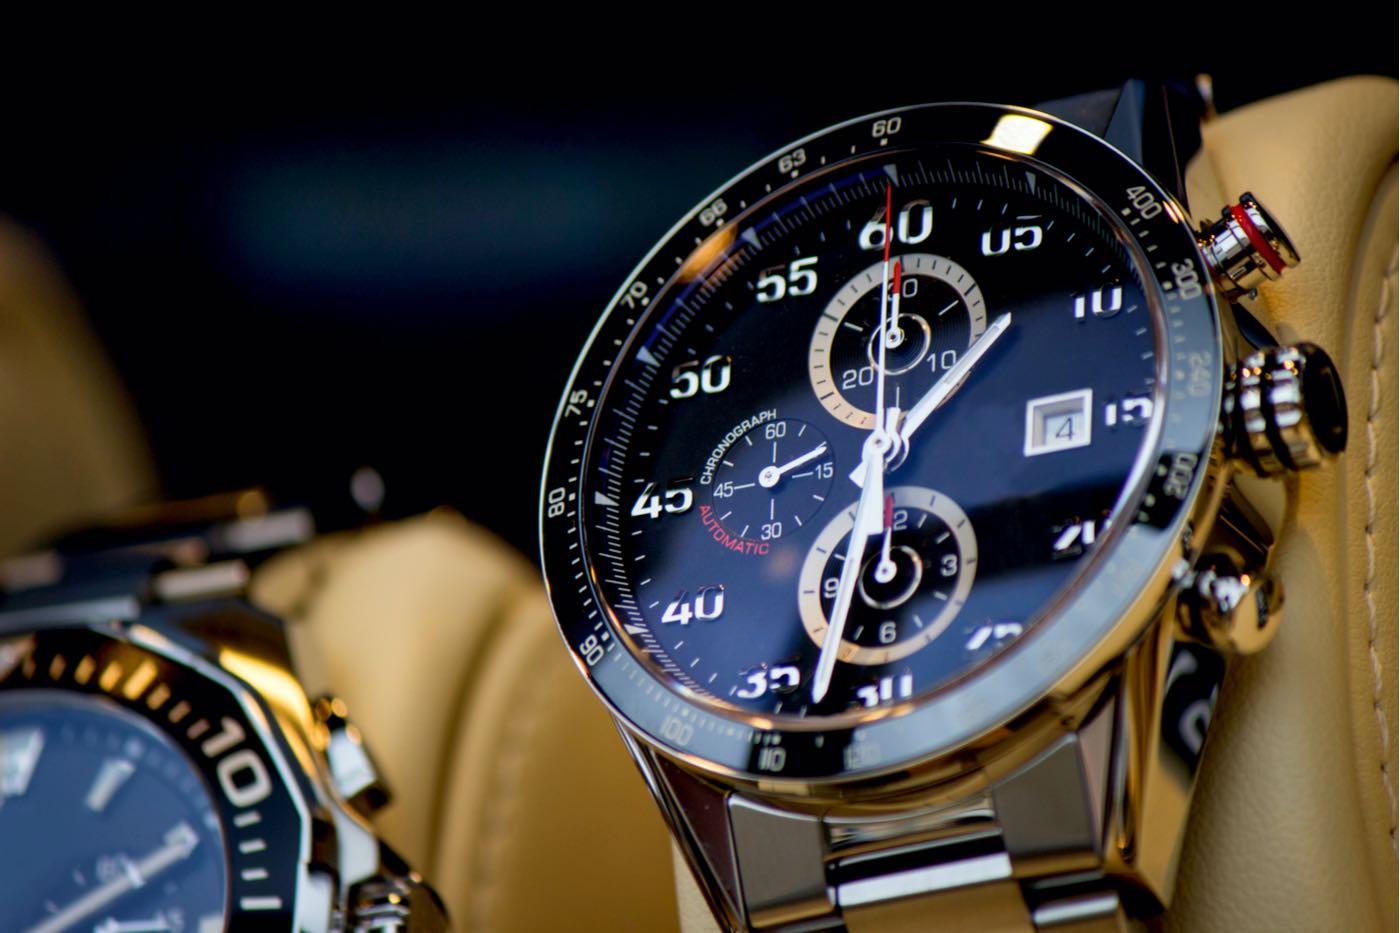 8 relojes de lujo que puedes comprar hoy por menos de $400